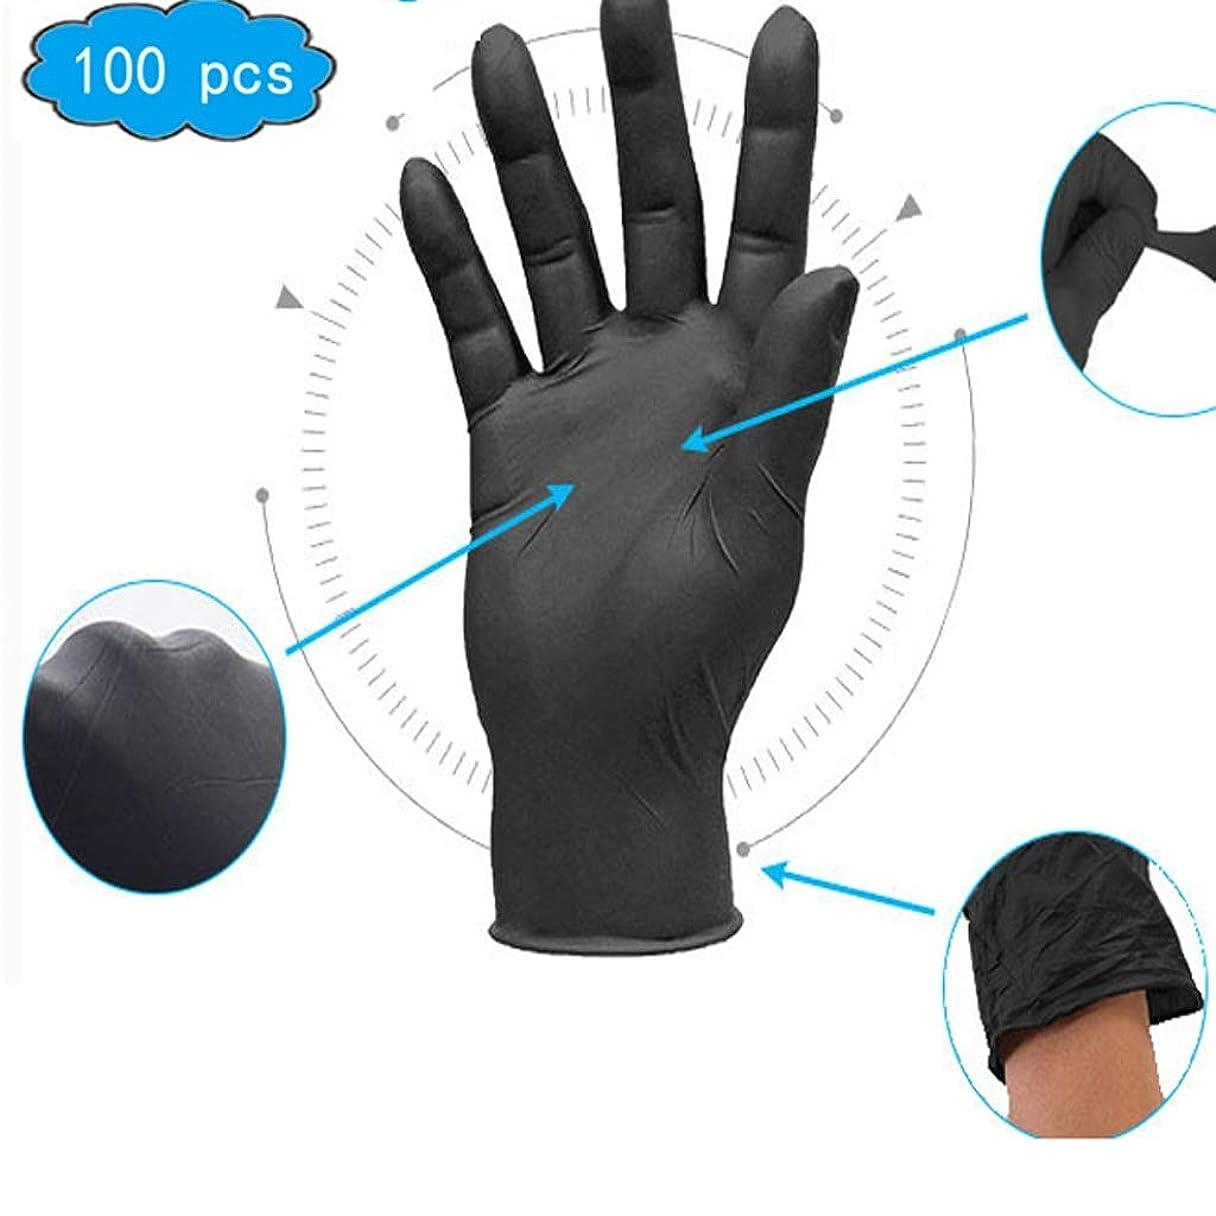 値乗り出す治療ニトリル手袋、医薬品および備品、応急処置用品、産業用使い捨て手袋 - テクスチャード、パウダーフリー、無菌、大型、100個入り、非滅菌の使い捨て安全手袋 (Color : Black, Size : M)